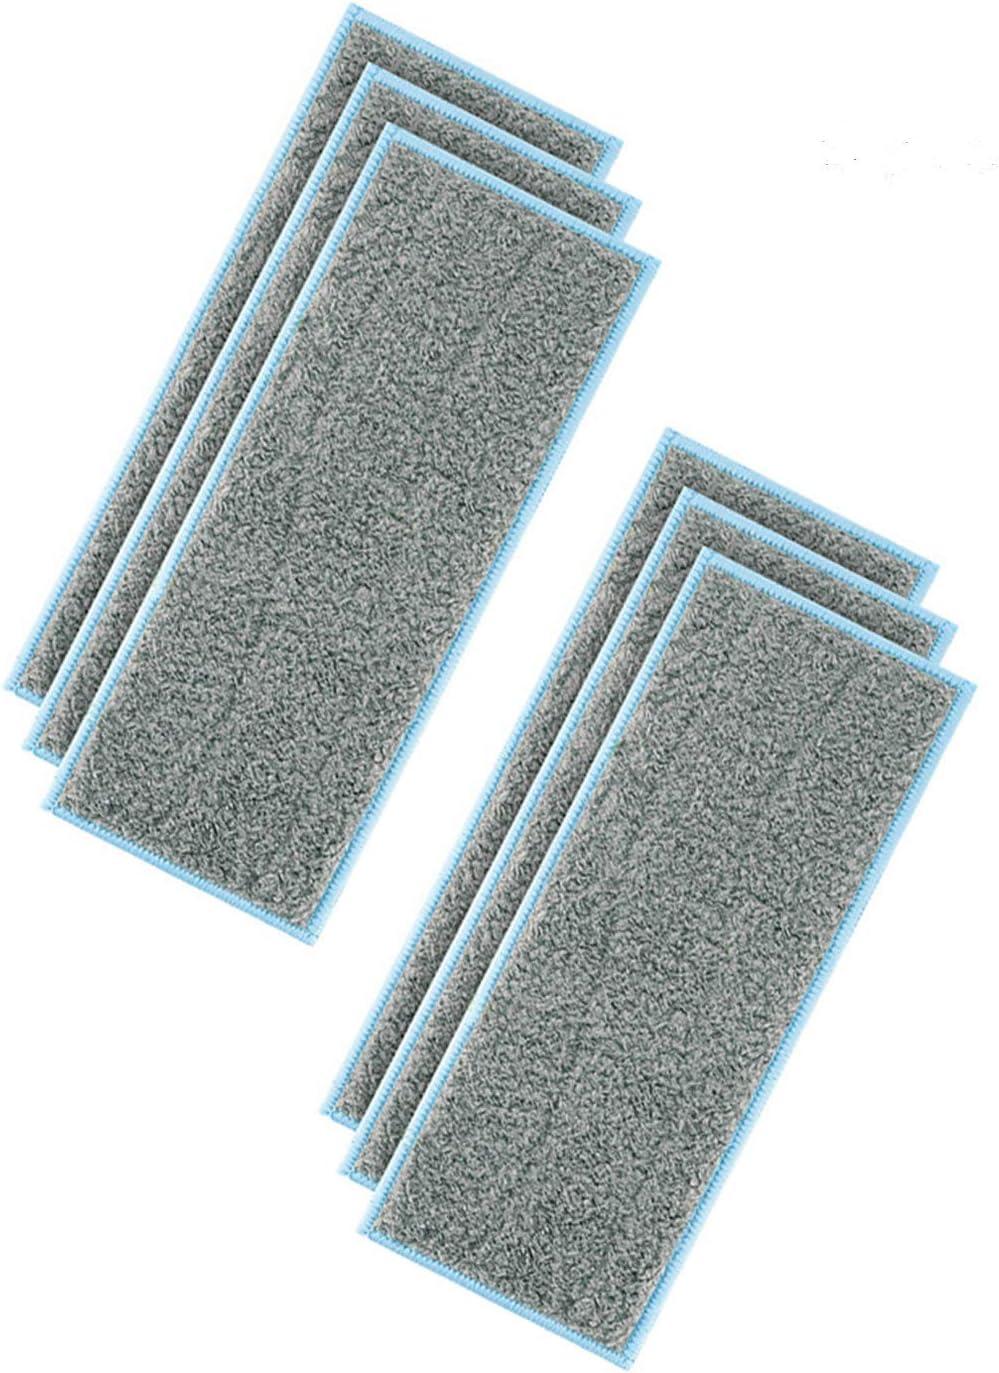 Lot de 6 chiffons de nettoyage humides lavables et r/éutilisables pour balai iRobot Braava Jet M6 Robot Mop Accessoires de rechange